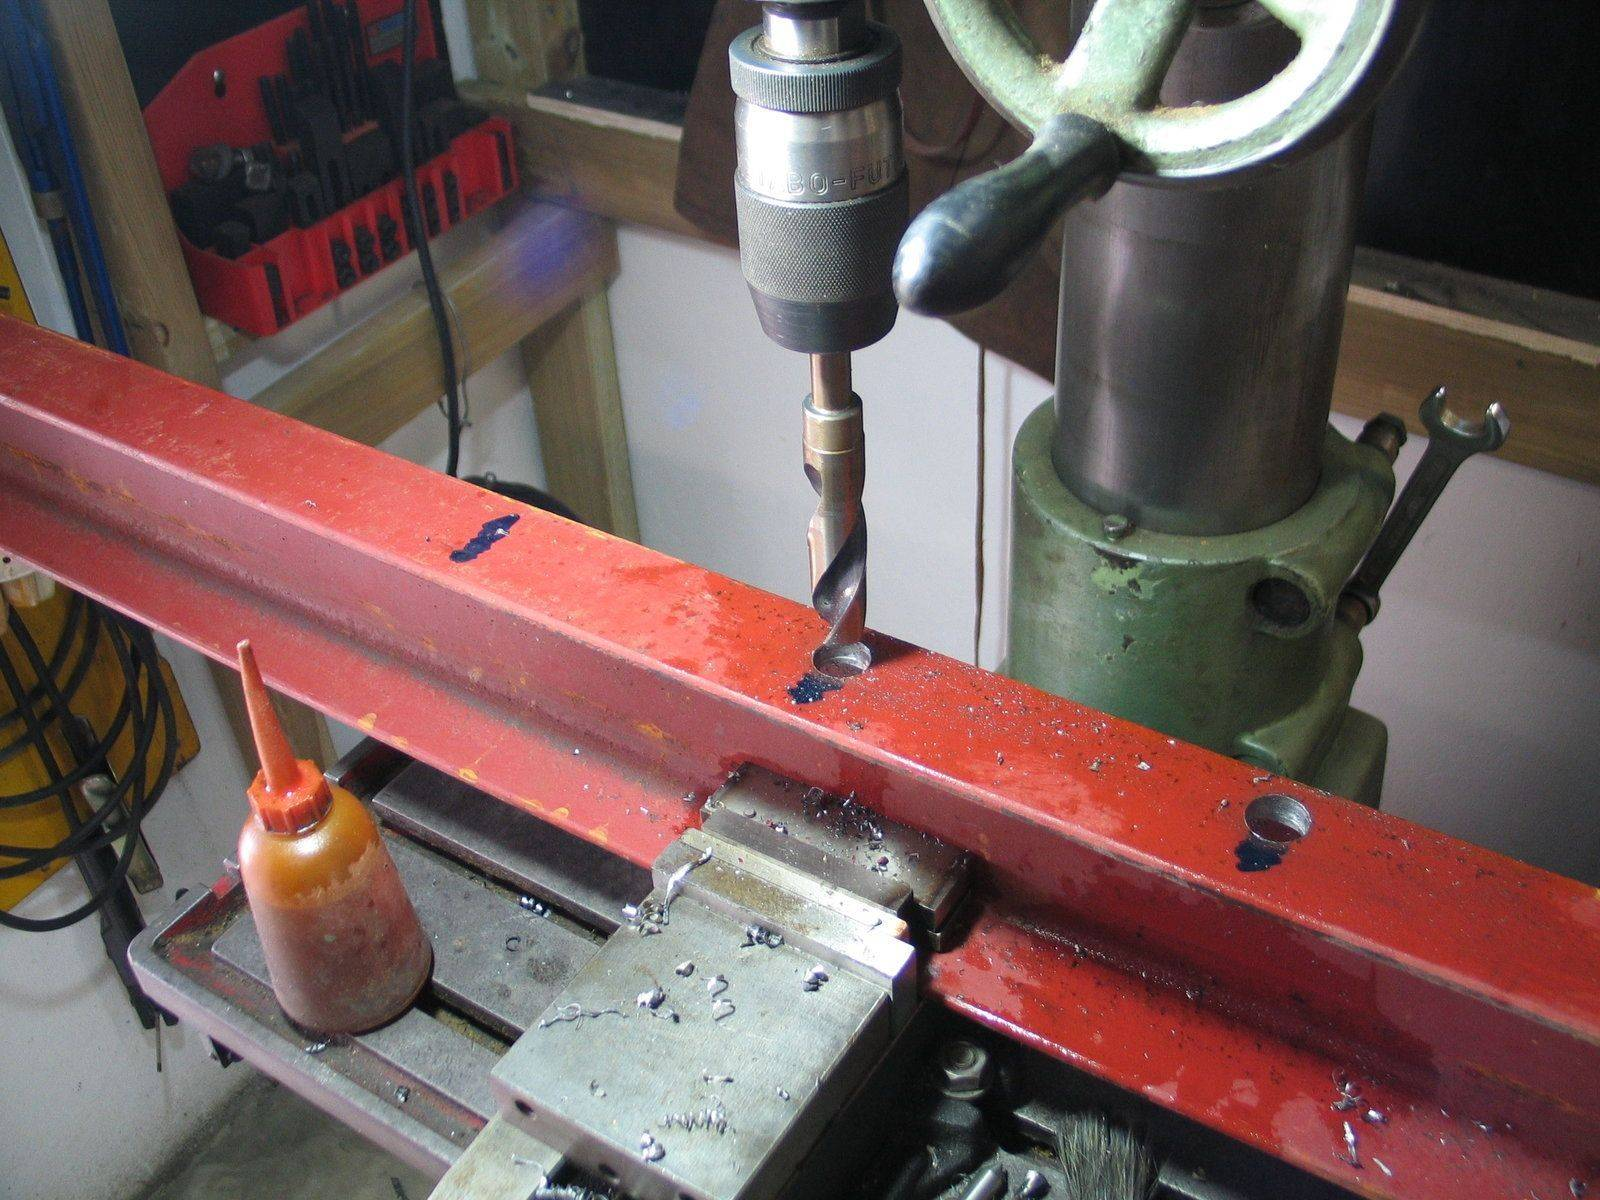 Hydraulic press 002.jpg